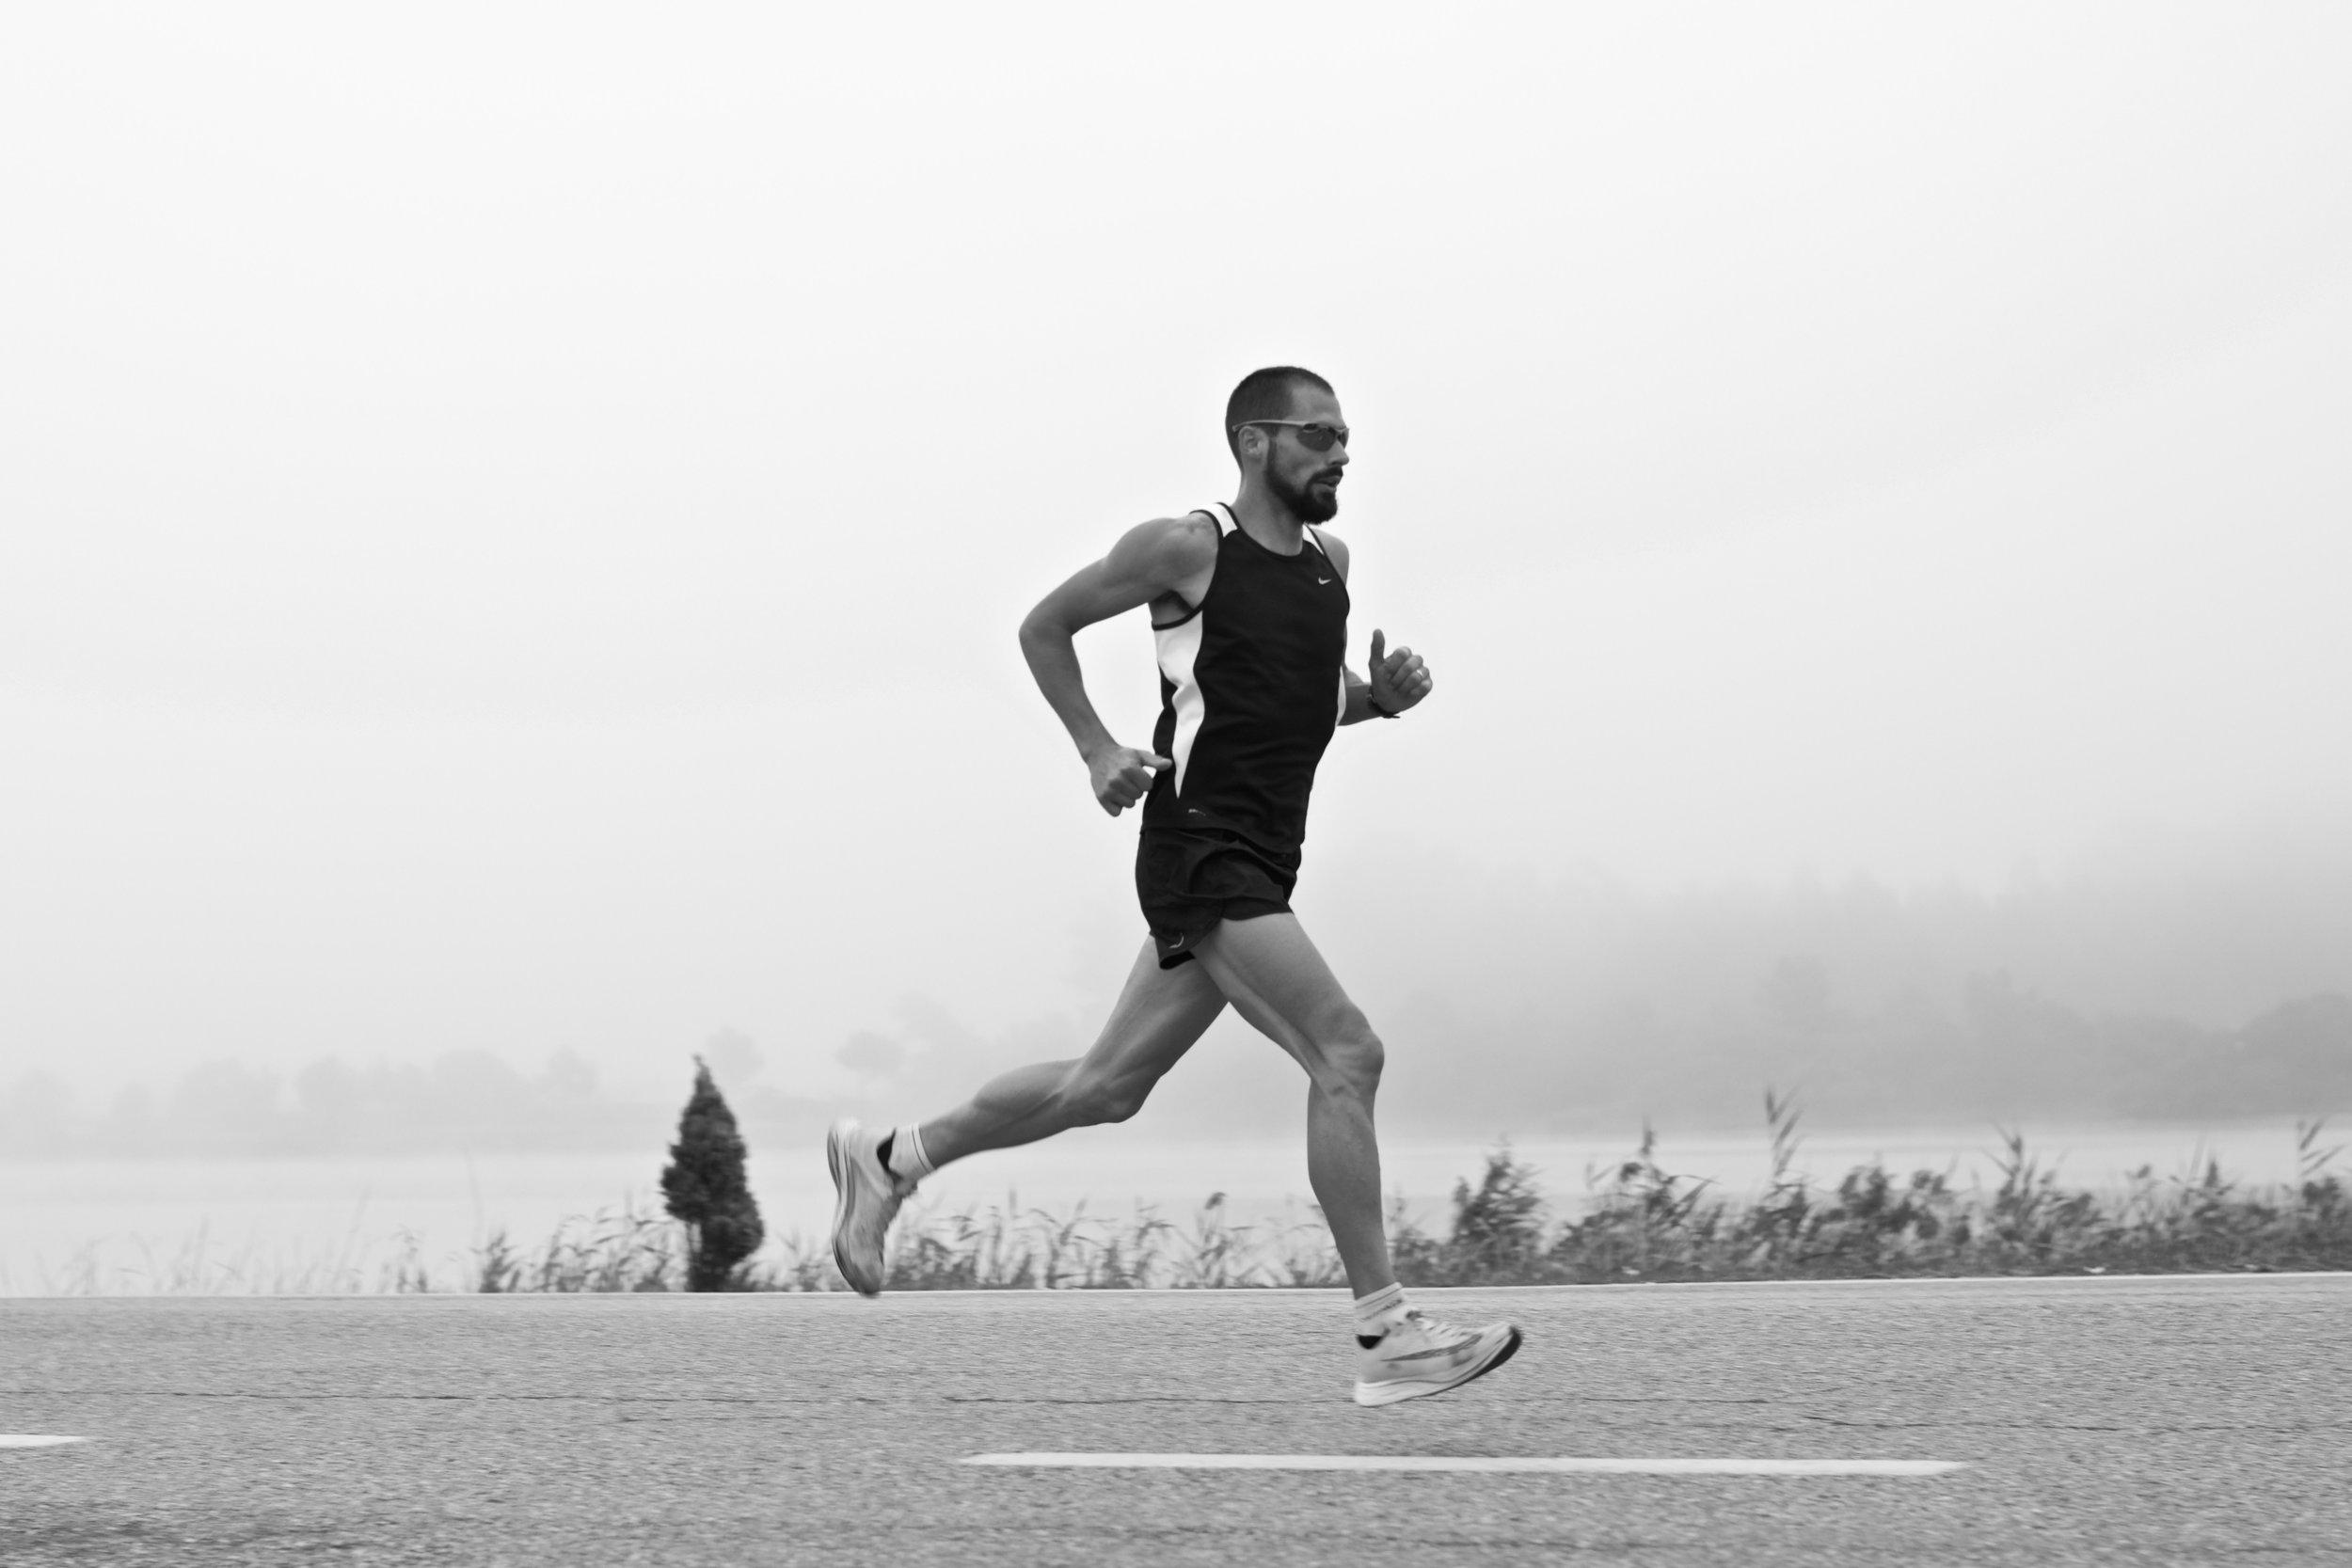 Foi em Ovar no dia 16 de setembro, que surgiu o primeiro grande efeito das primeiras 6 semanas de trabalho com um treino longo percorrido à velocidade média de 3:13min/km. Velocidade, muito próxima do que esperávamos para esta prova.